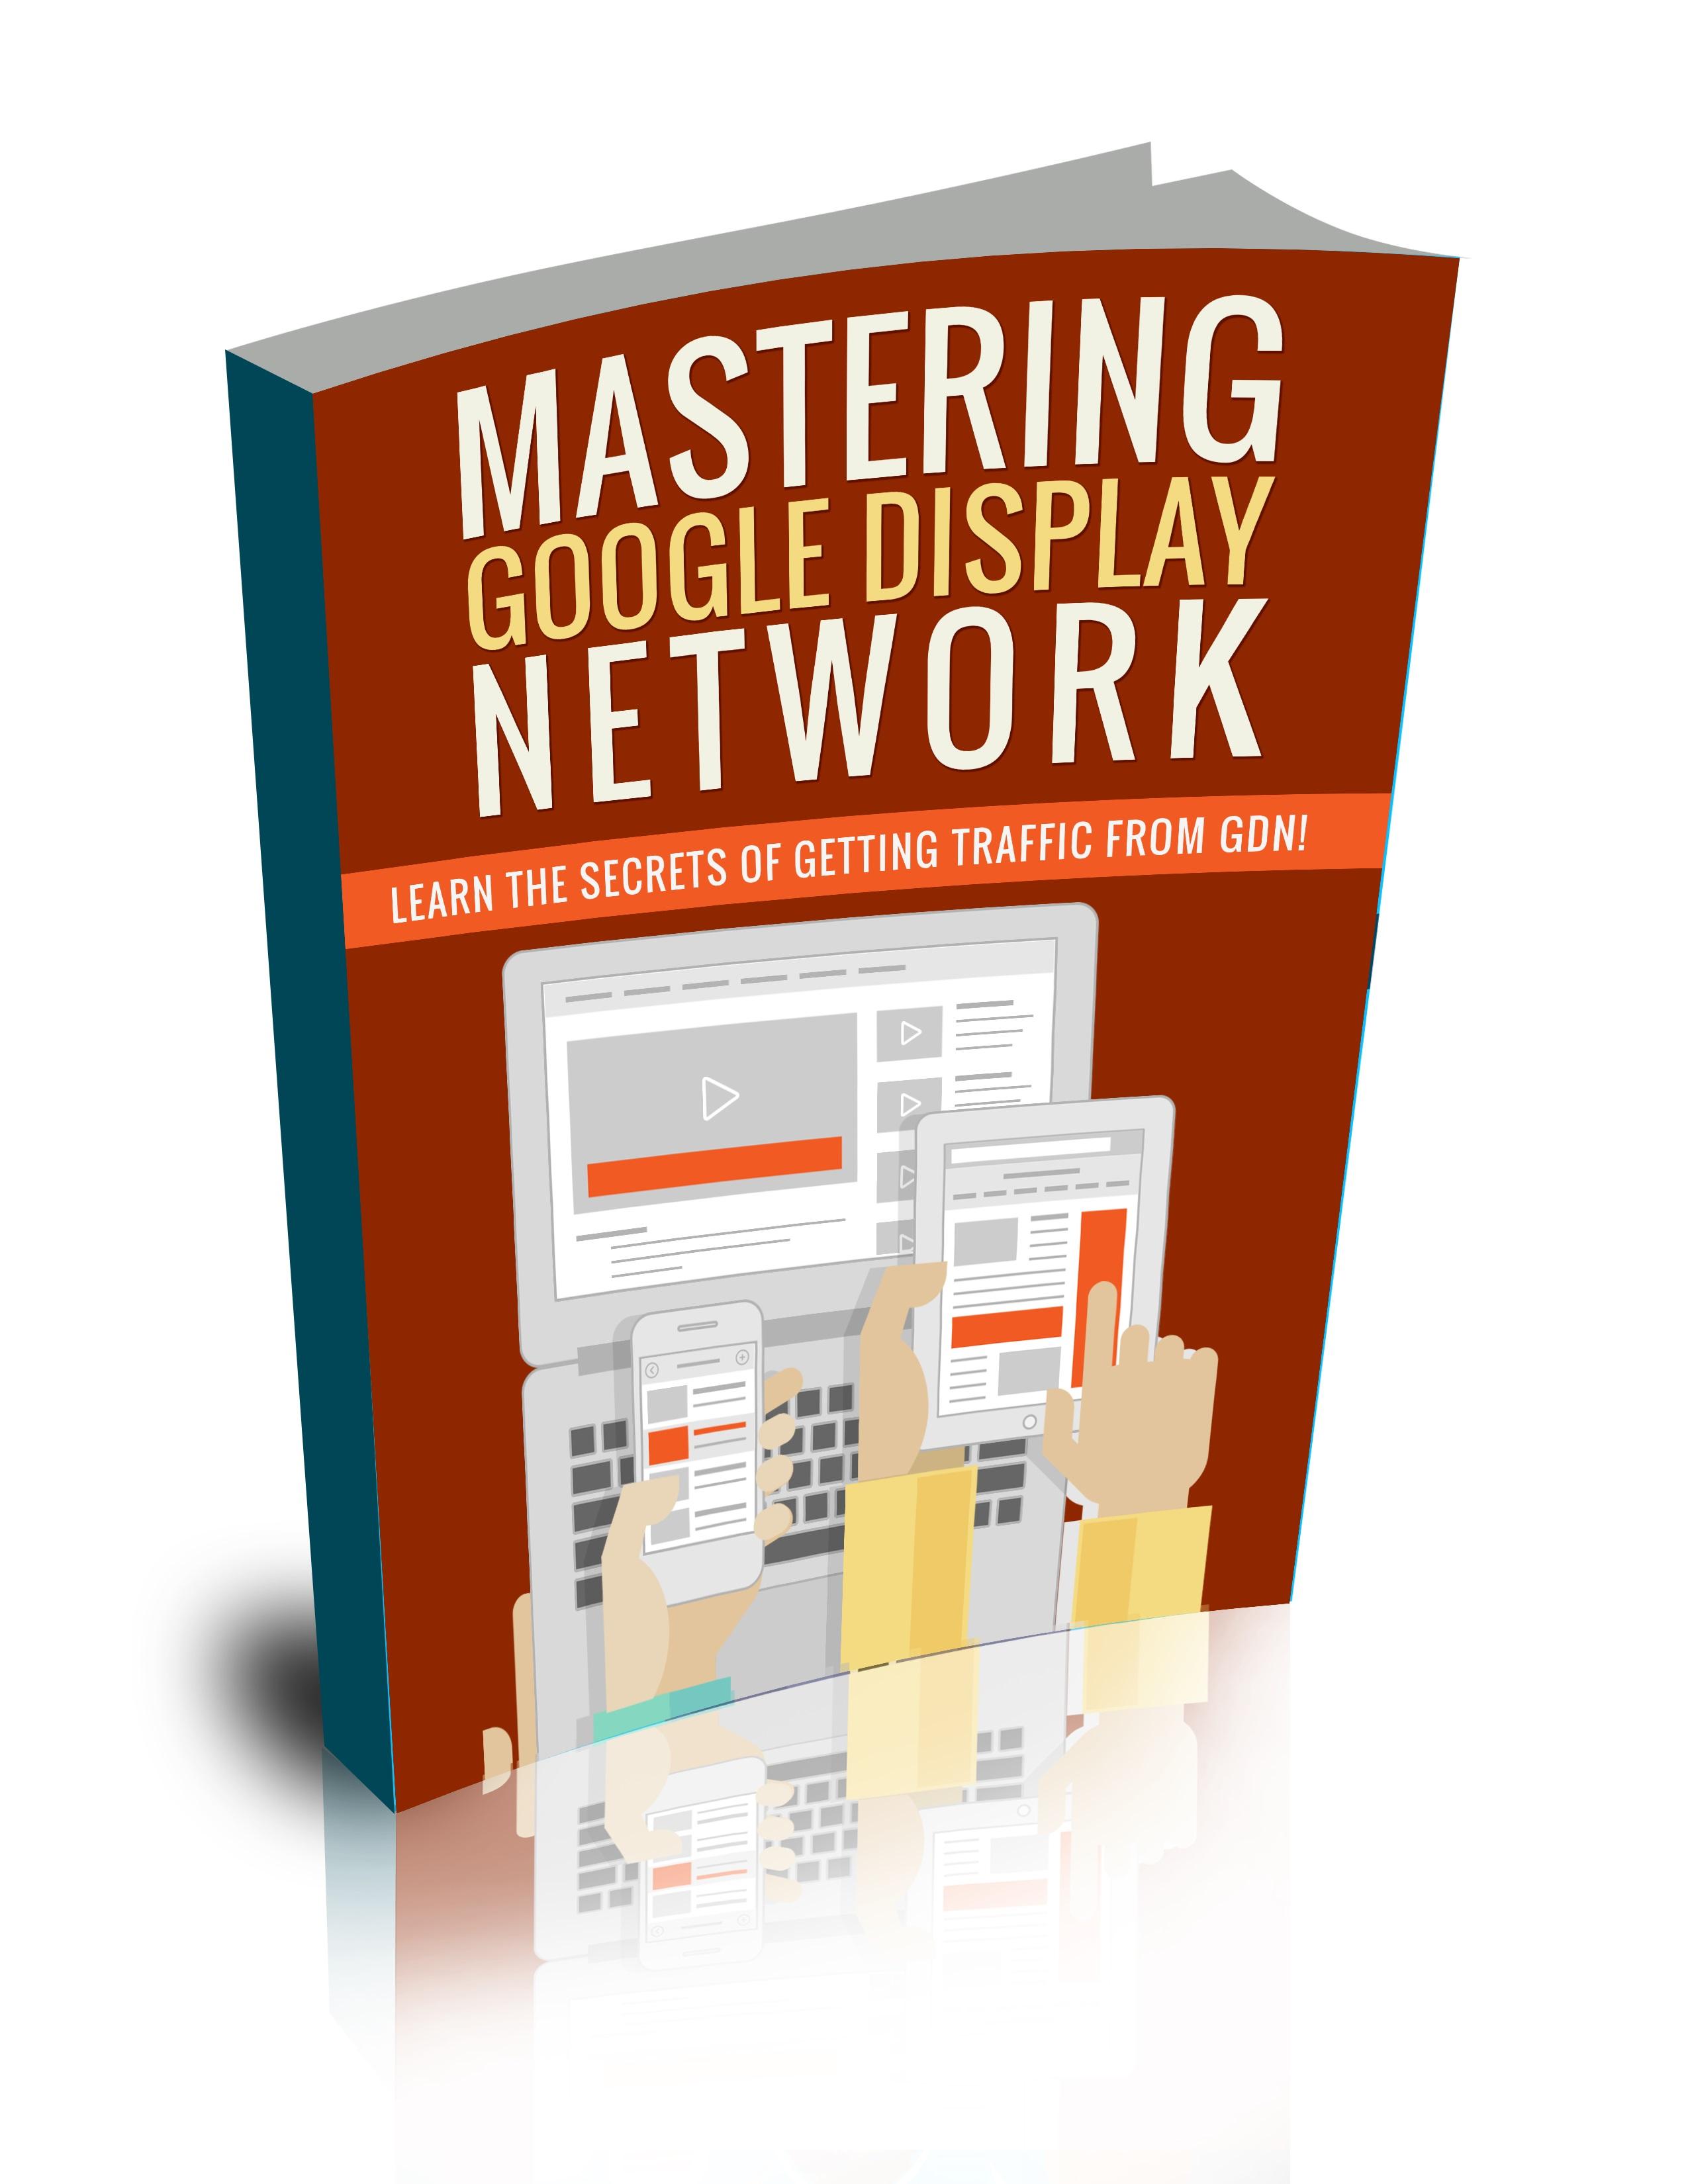 Mastering Google Display Network Package